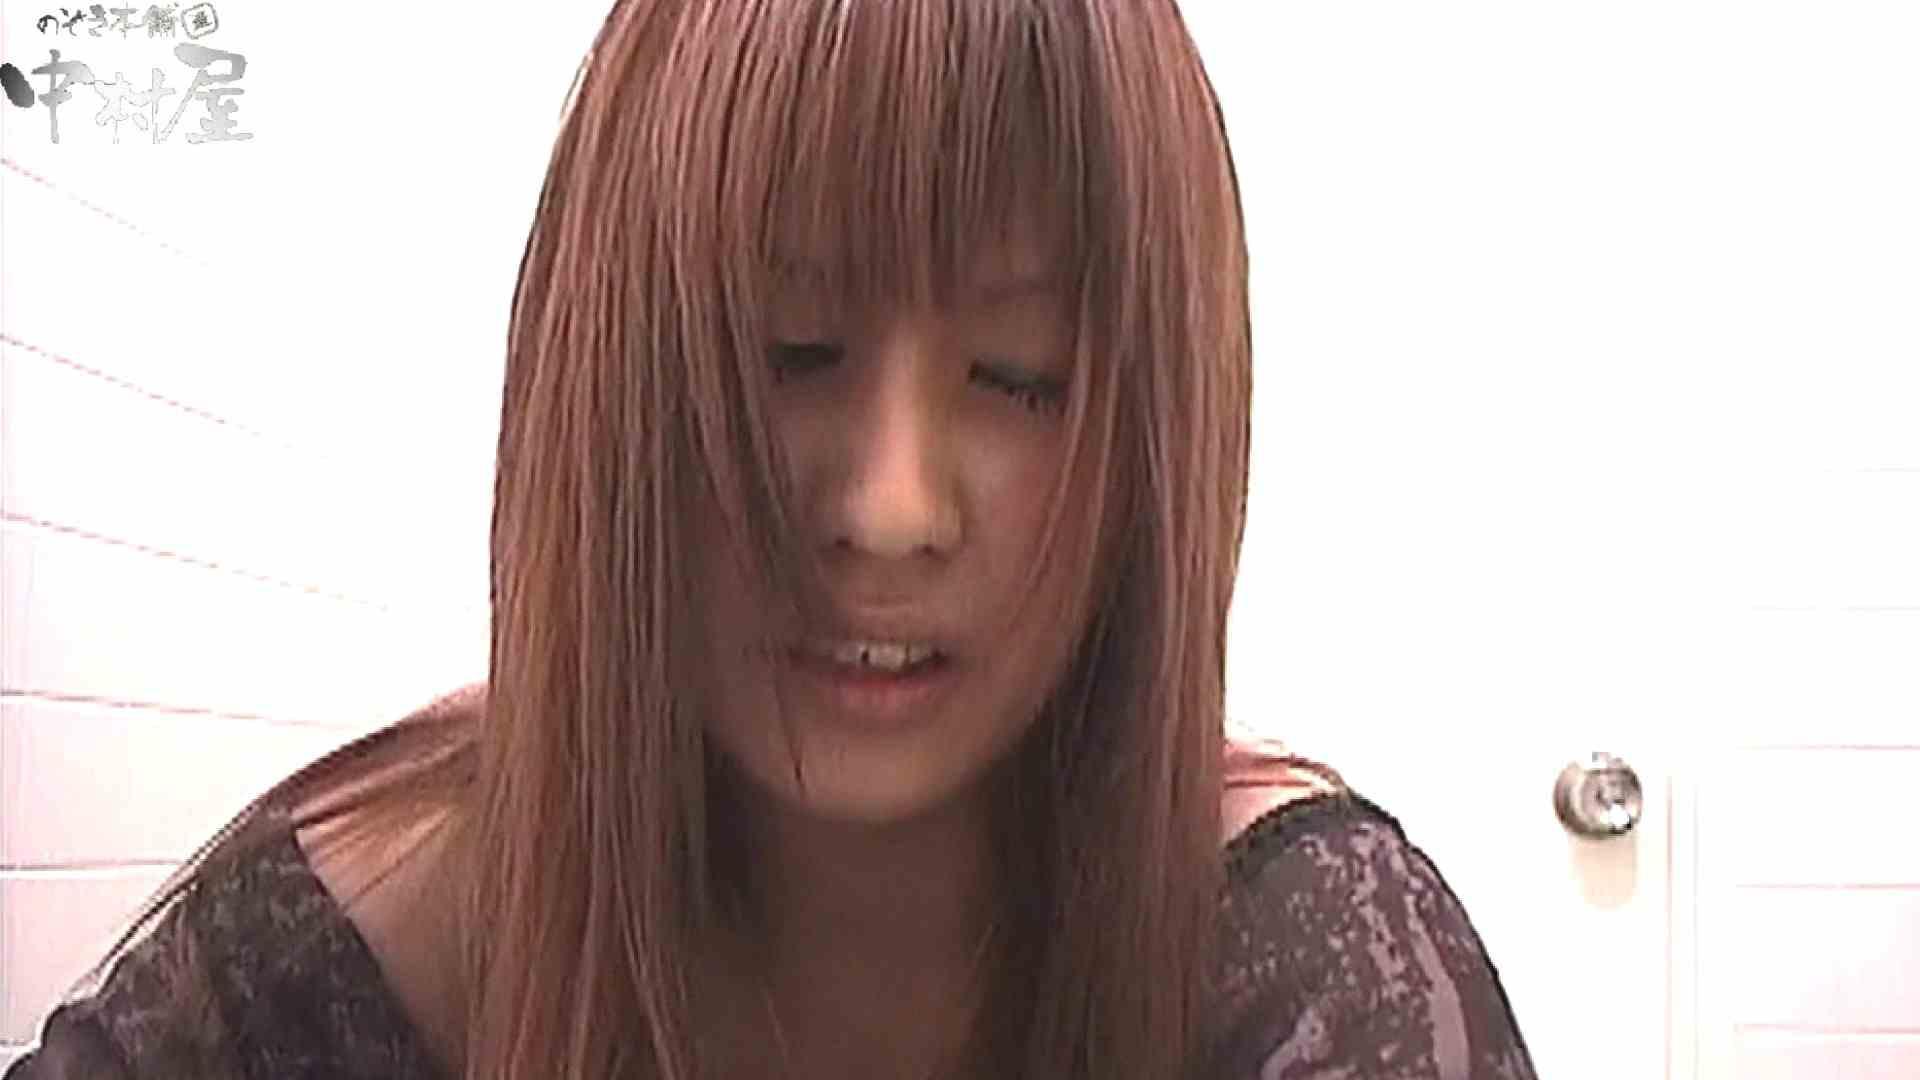 お漏らし寸前デパトイレ盗撮!Vol.09 女子トイレ編 オマンコ無修正動画無料 110PIX 93